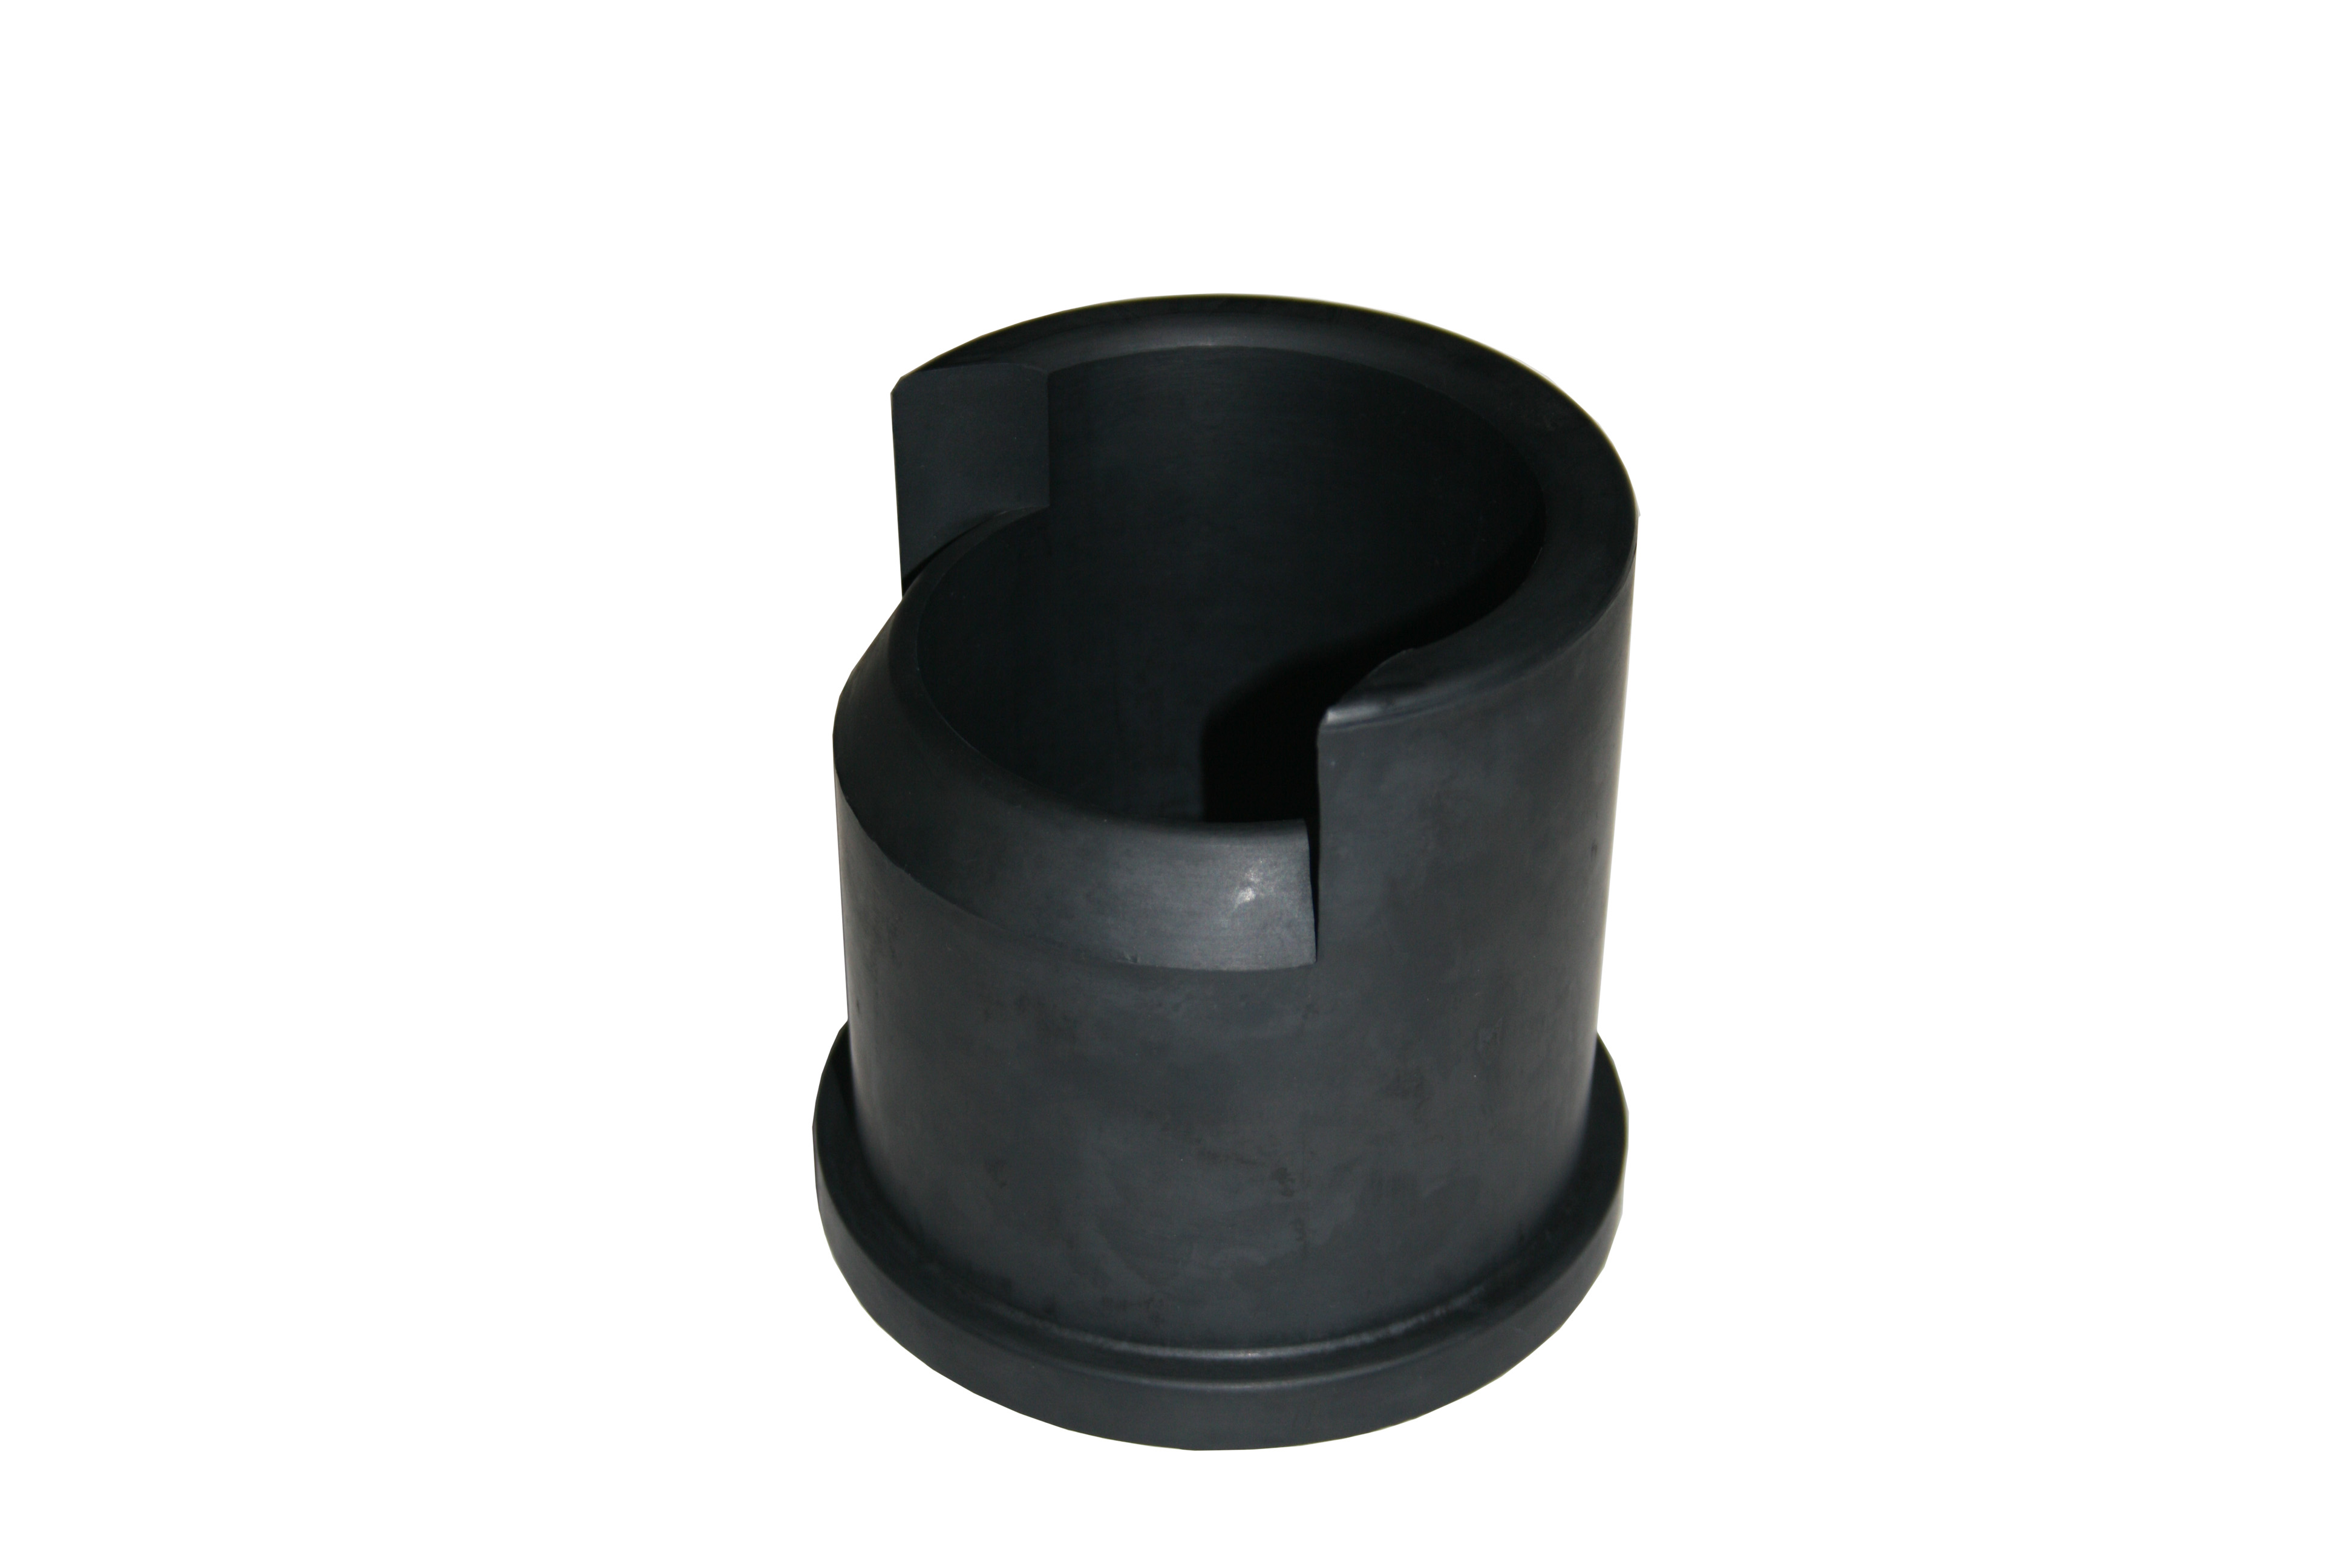 Nozzle Cup Mount – 3-1/2″ I.D.